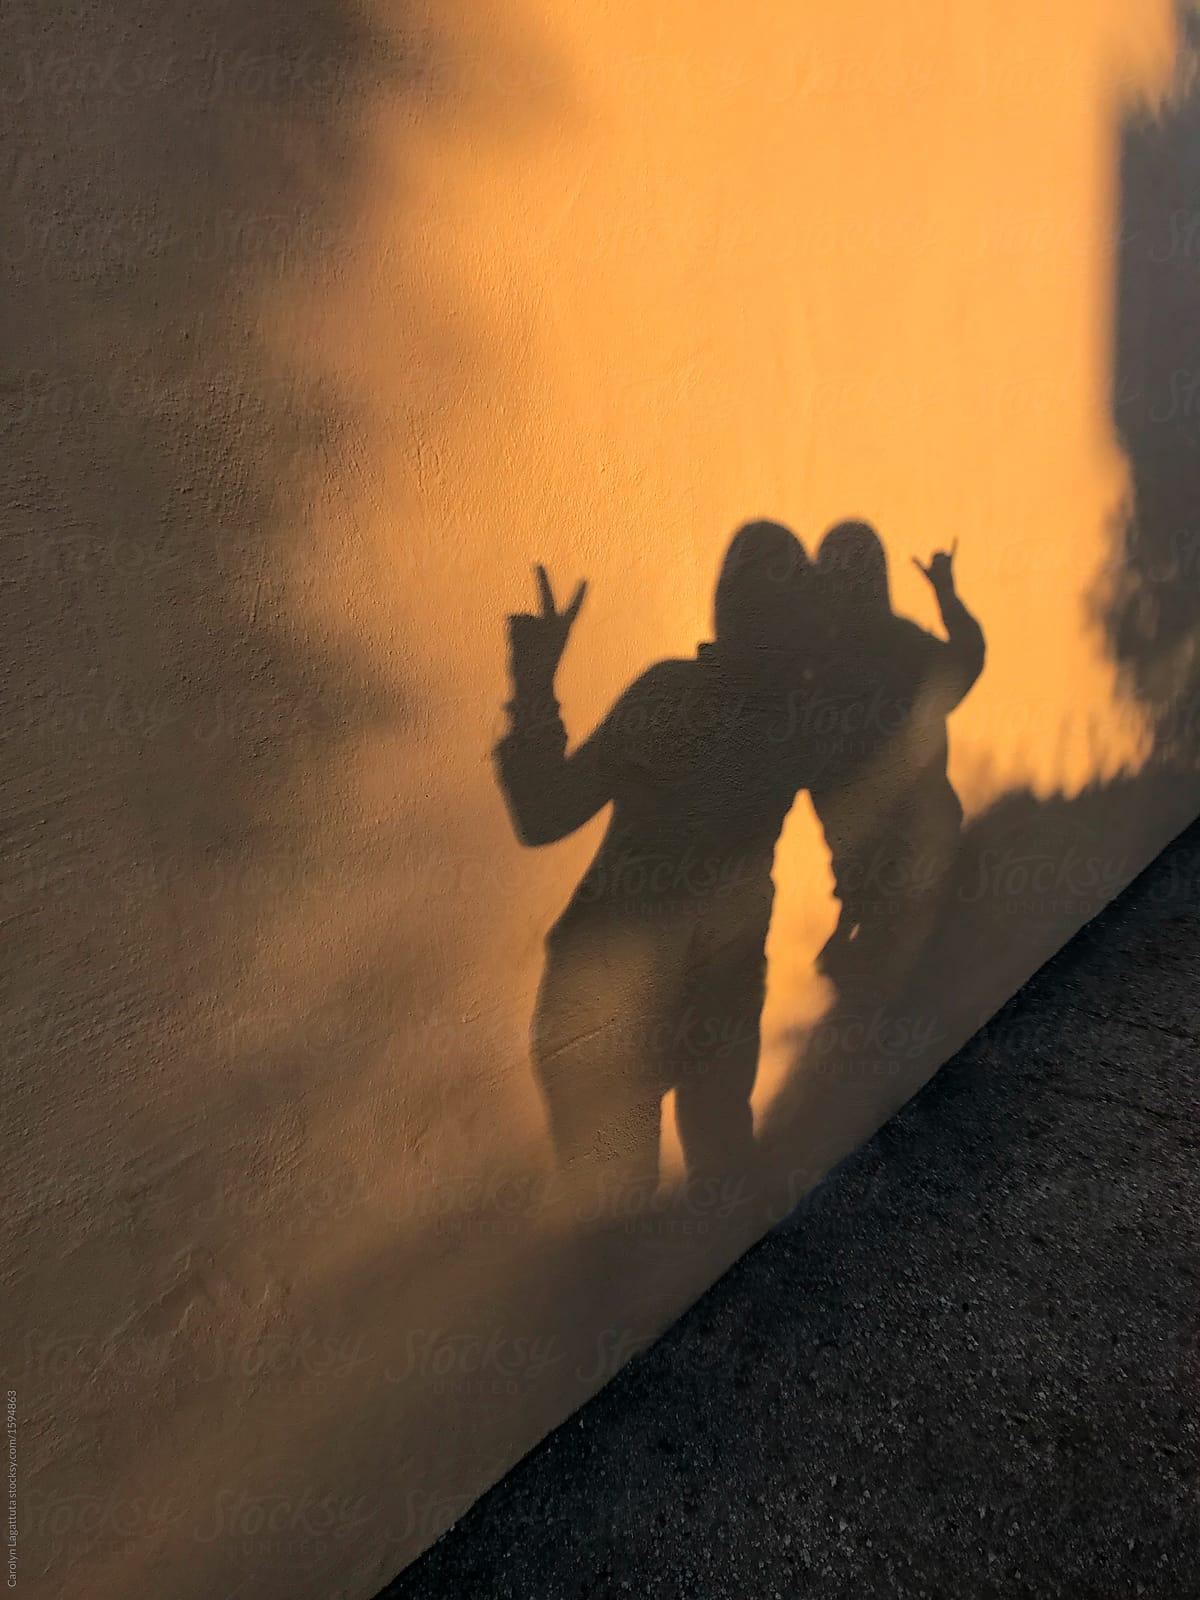 Shadows Of Two Friends On A Wall At Dusk By Carolyn Lagattuta Friendship Shadow Stocksy United